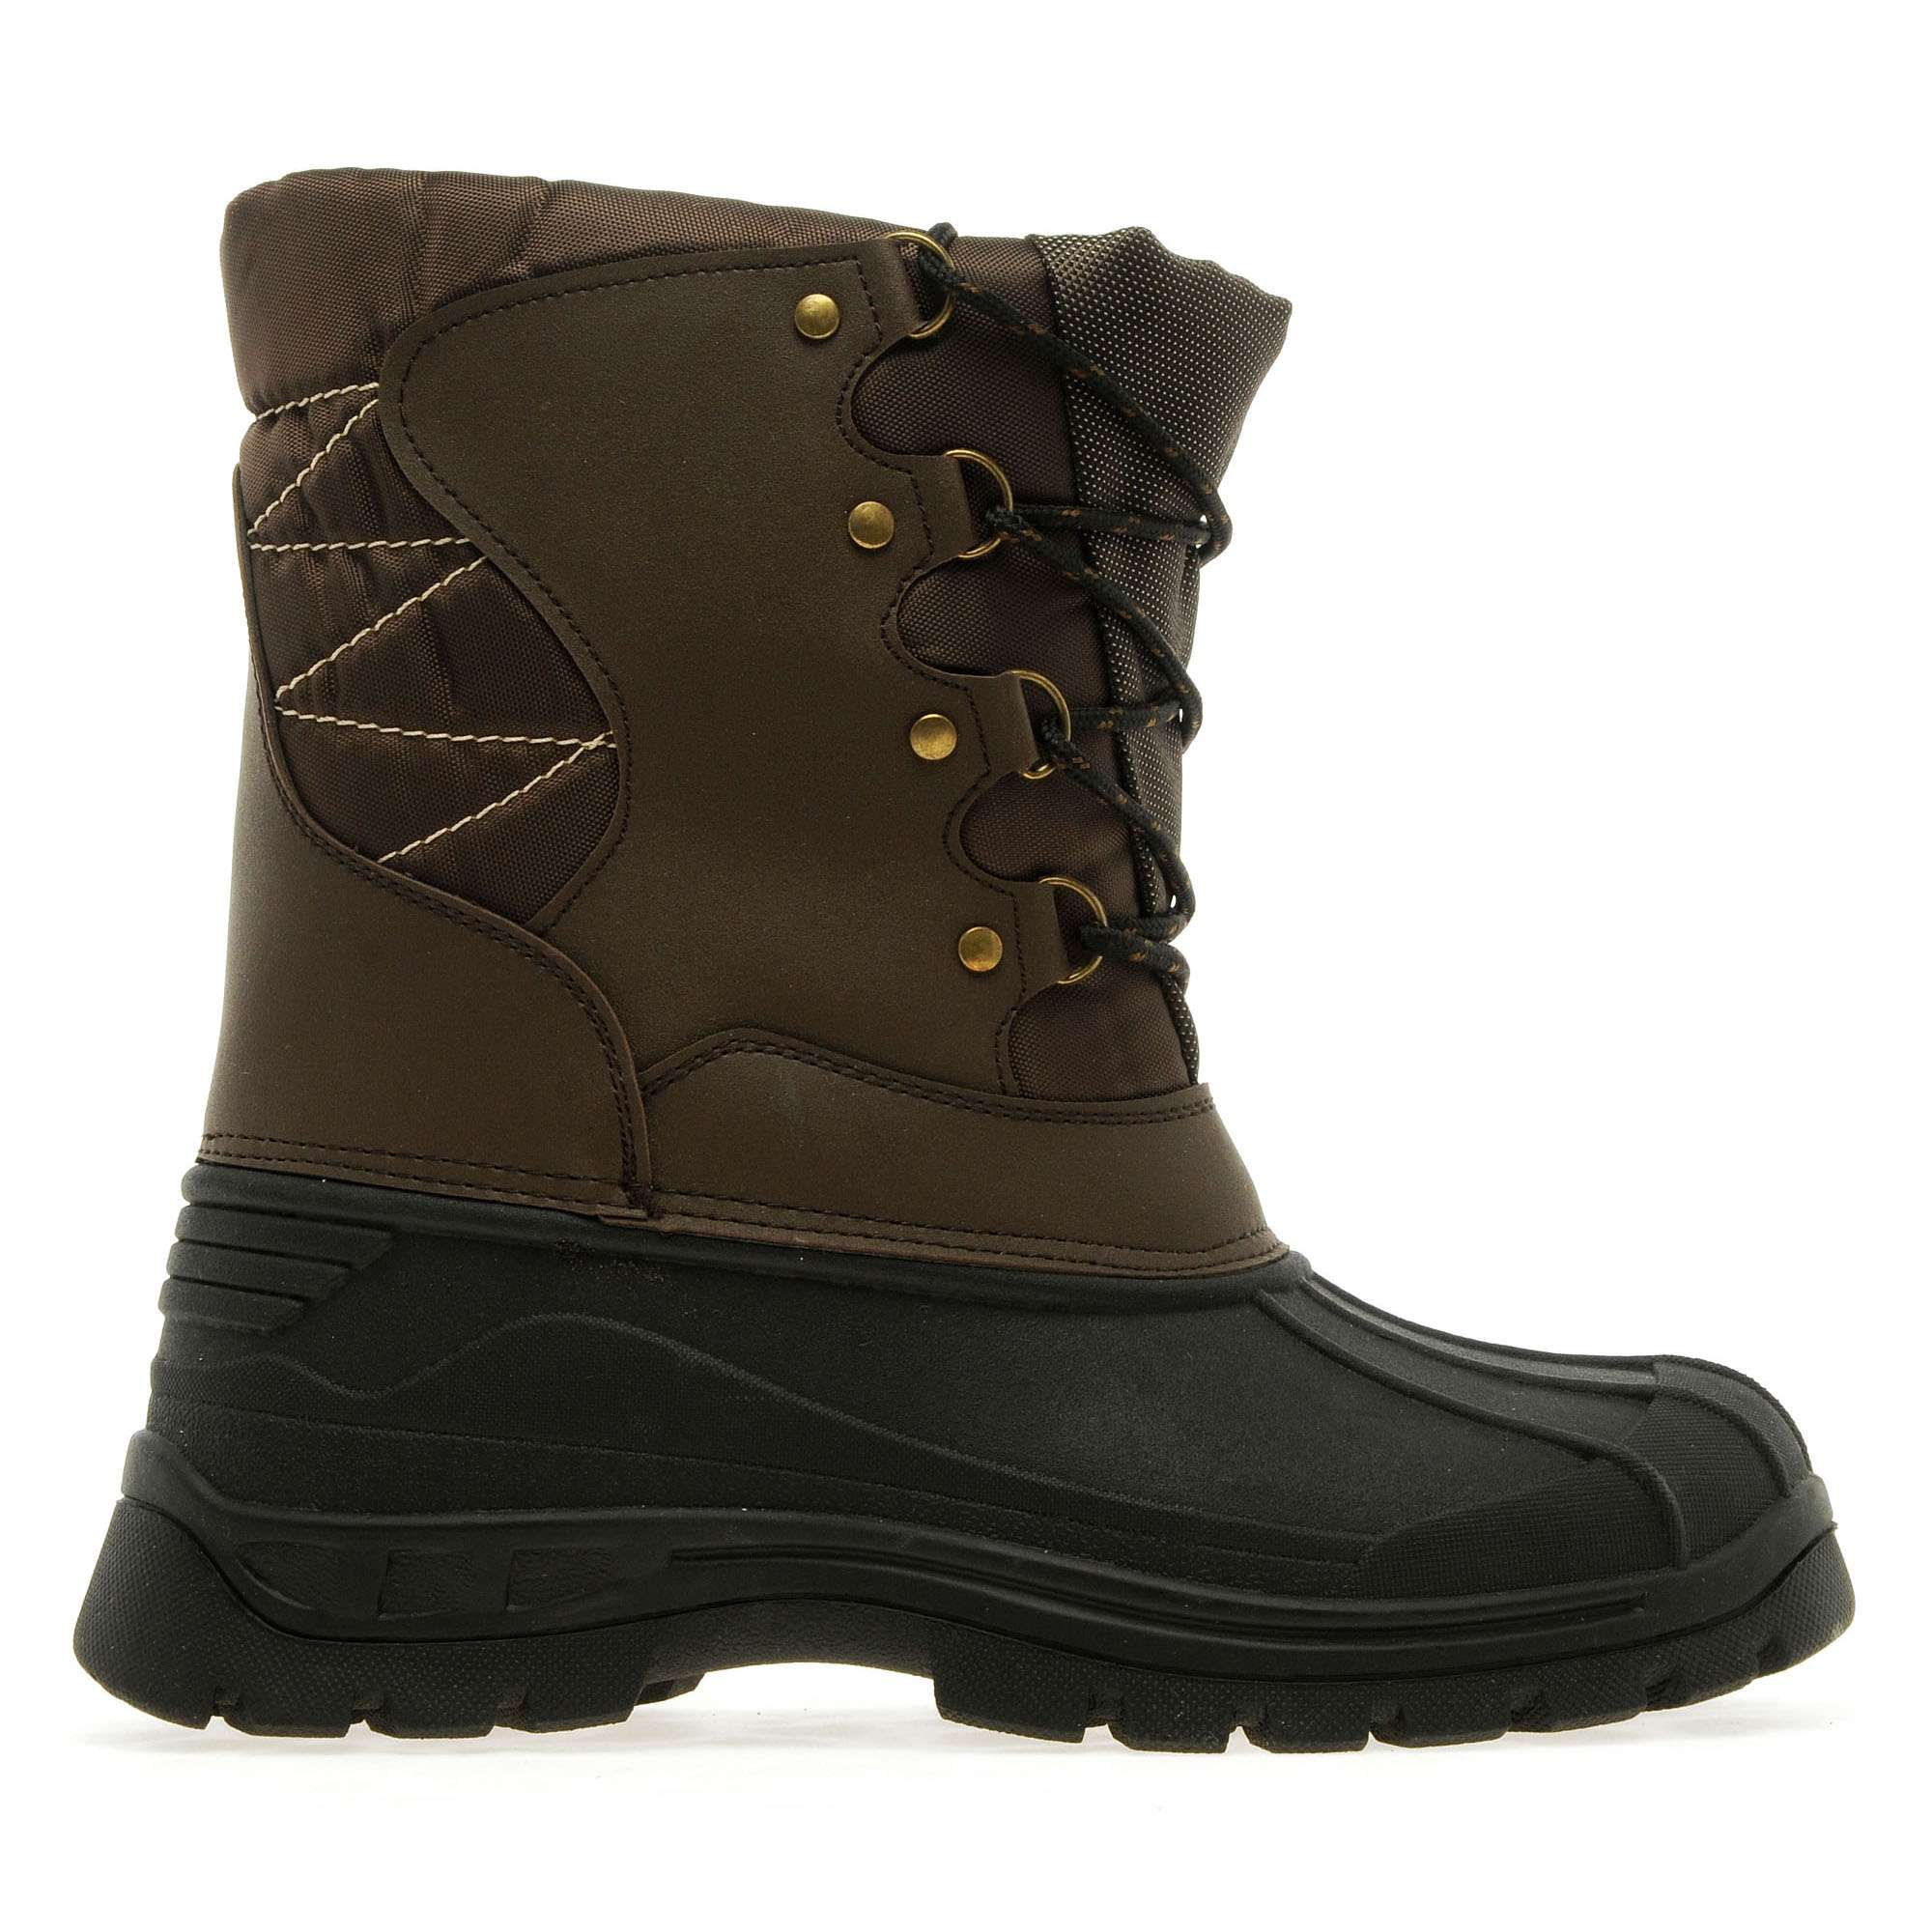 ALPINE Men's Lace Snow Boots